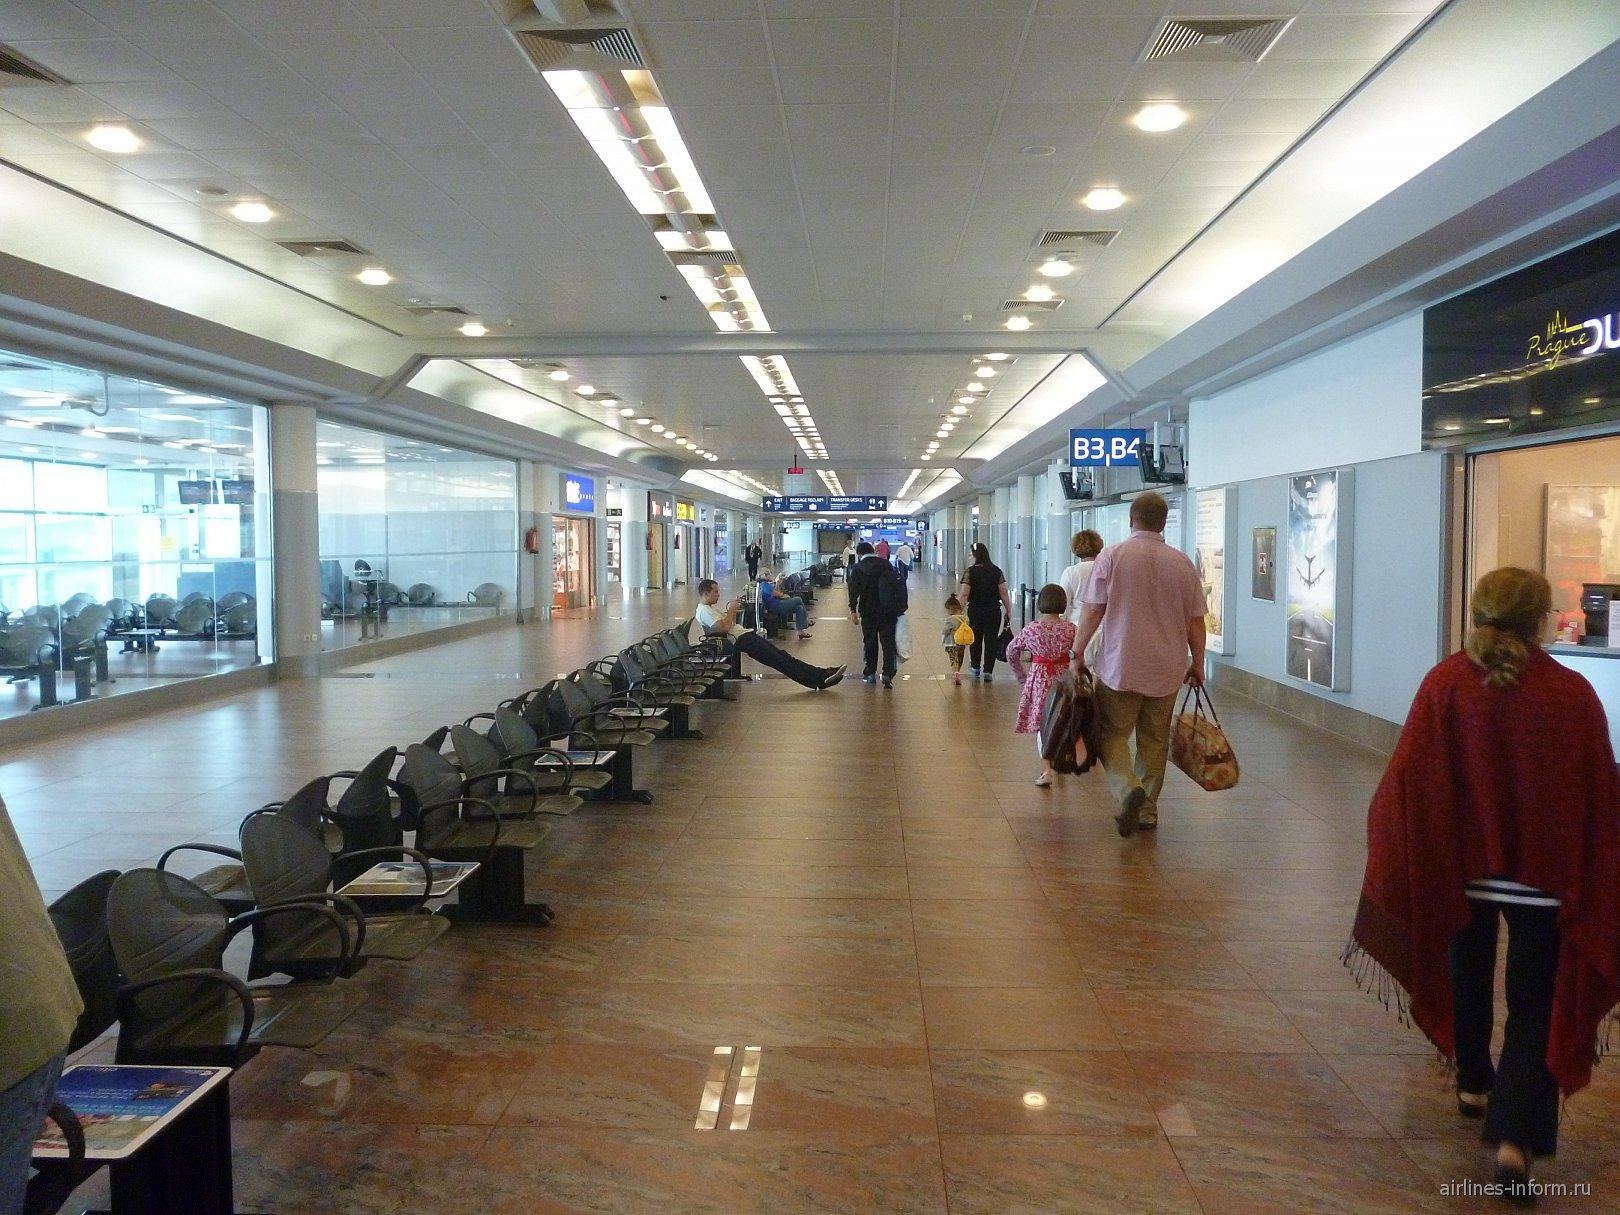 В терминале 1 аэропорта имени Вацлава Гавела в Праге